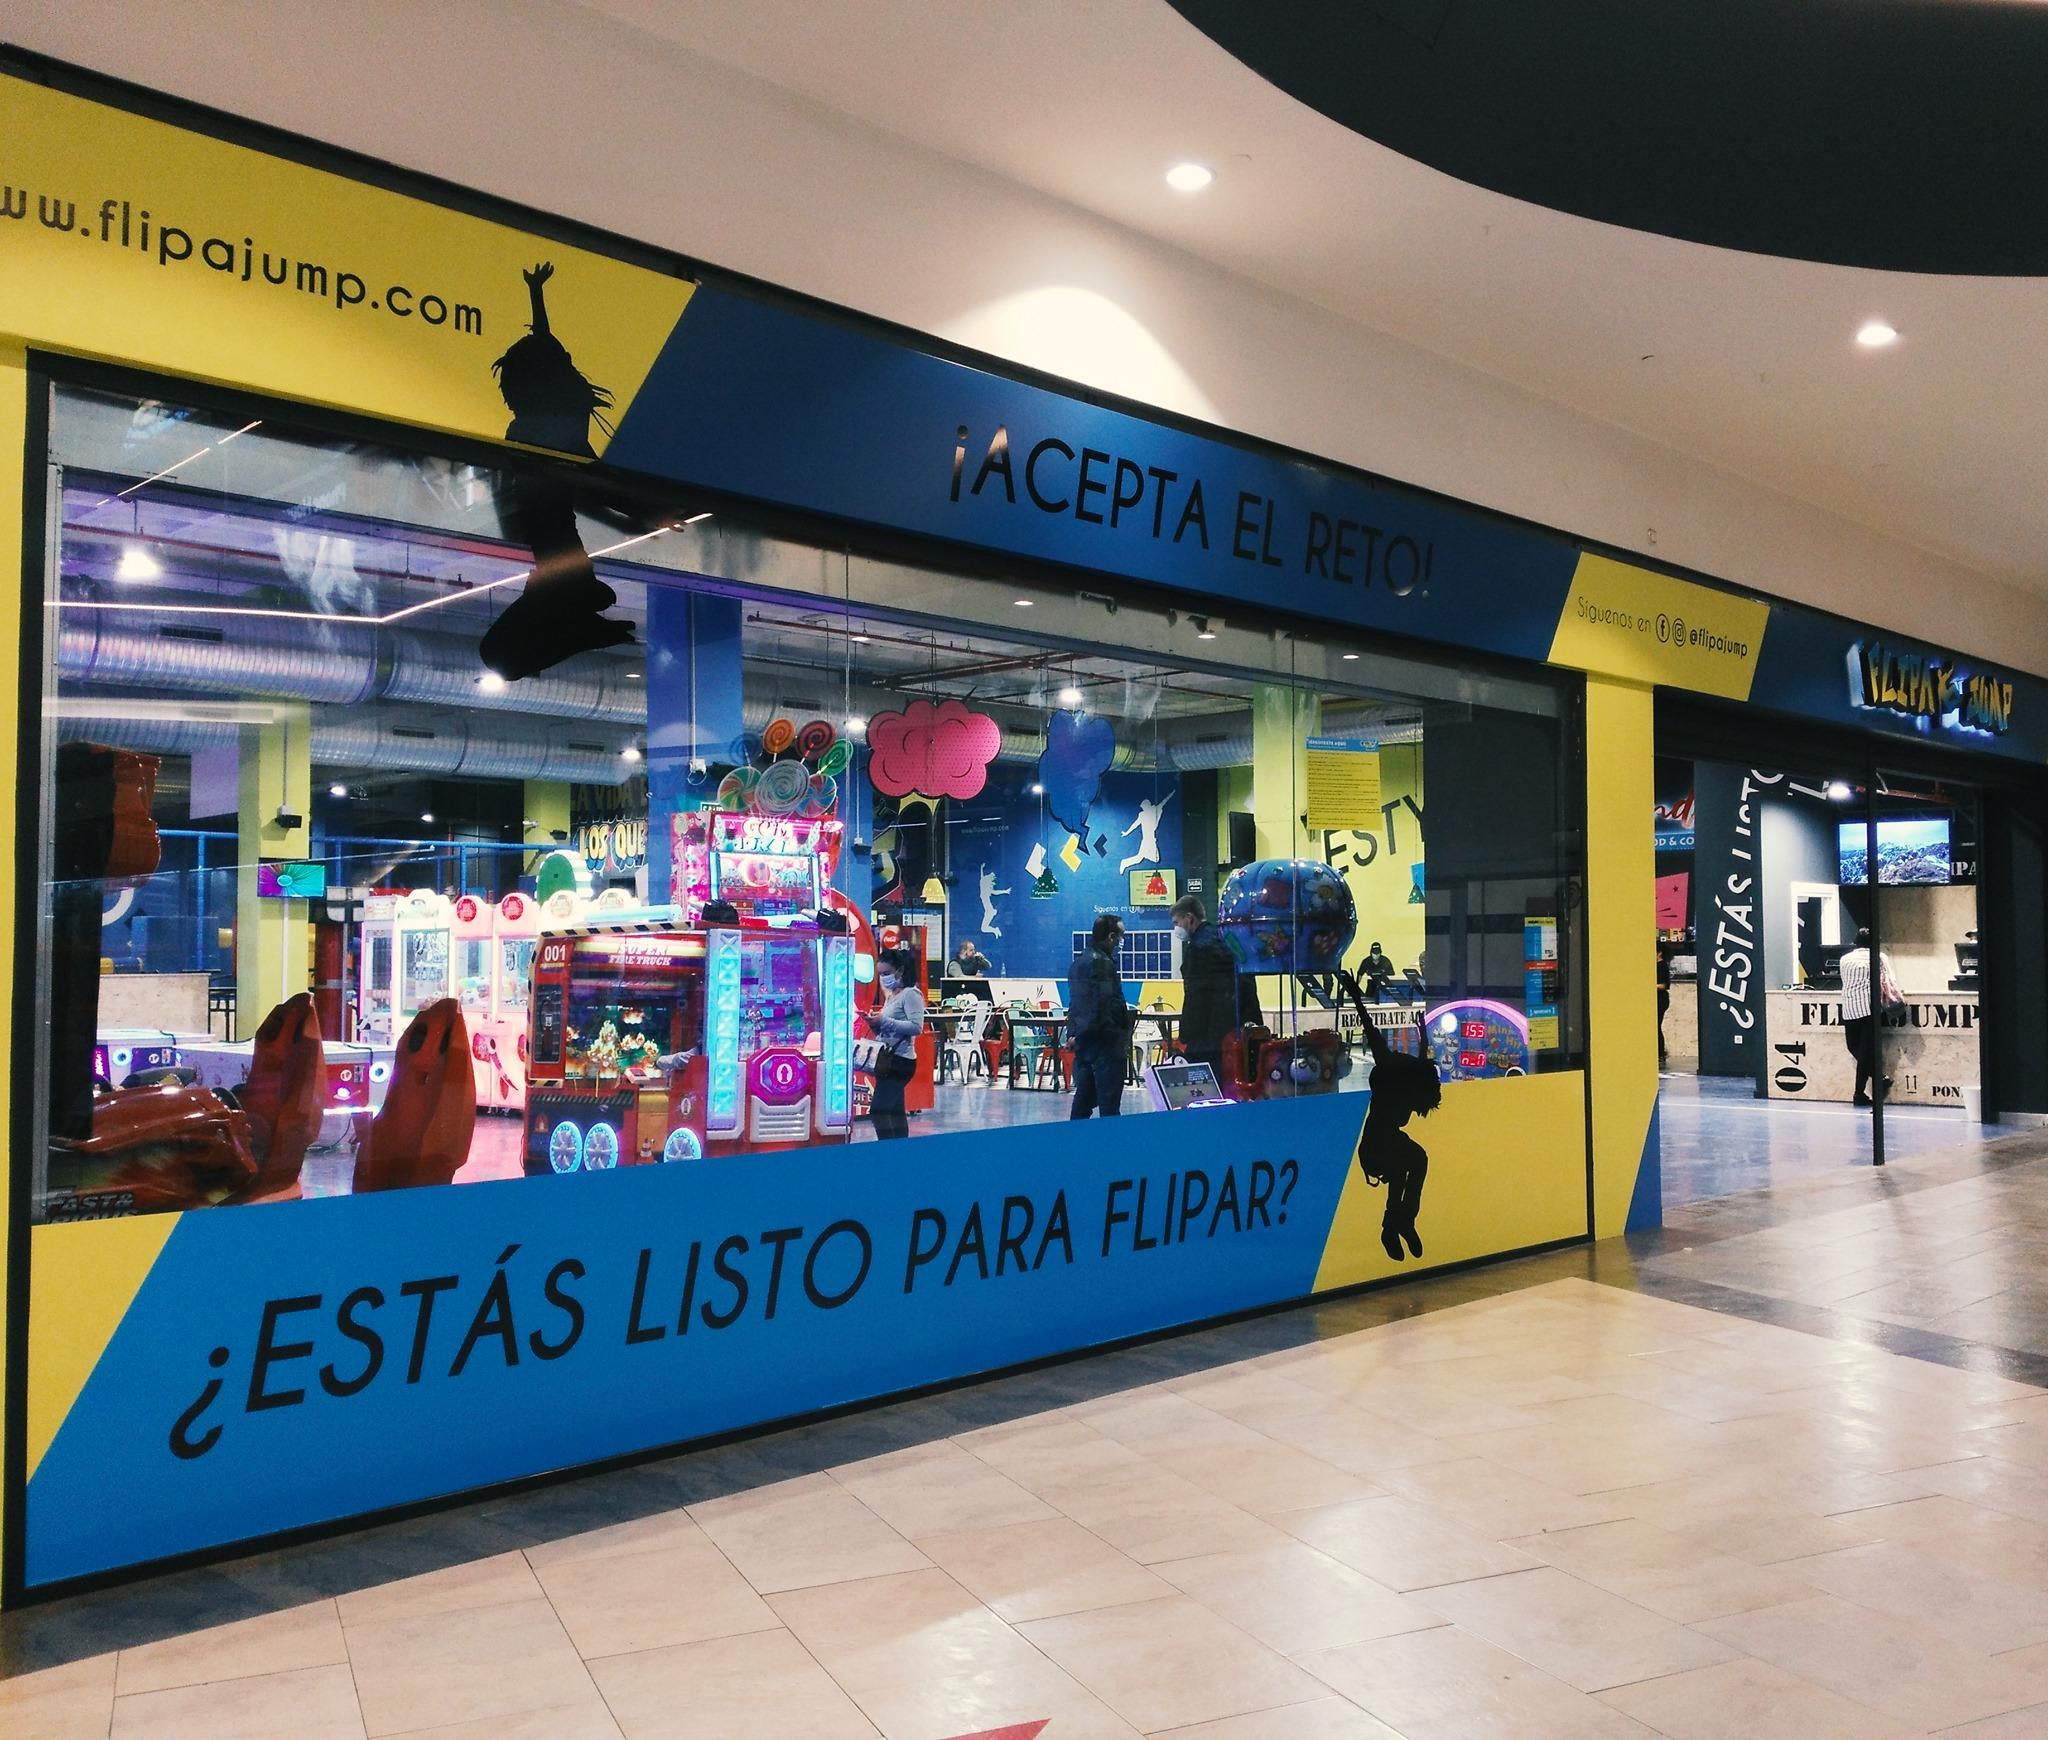 FlipaJump abre sus puertas en el Centro Comercial El Rosal 1